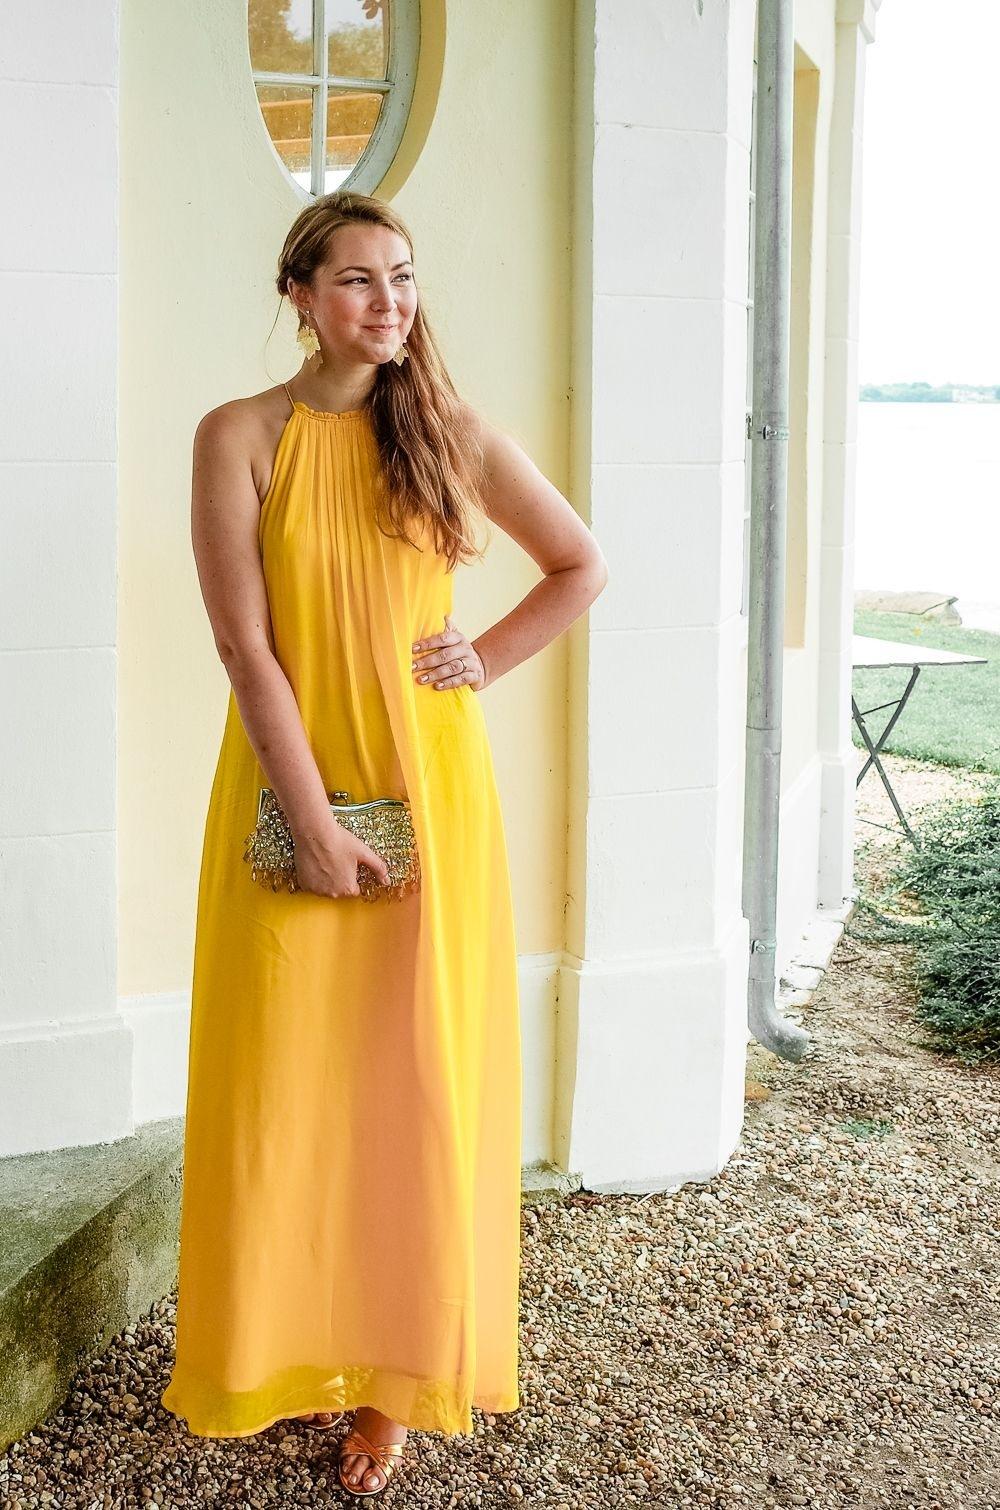 13 Einzigartig Kleider Für Hochzeit Boutique20 Kreativ Kleider Für Hochzeit Design